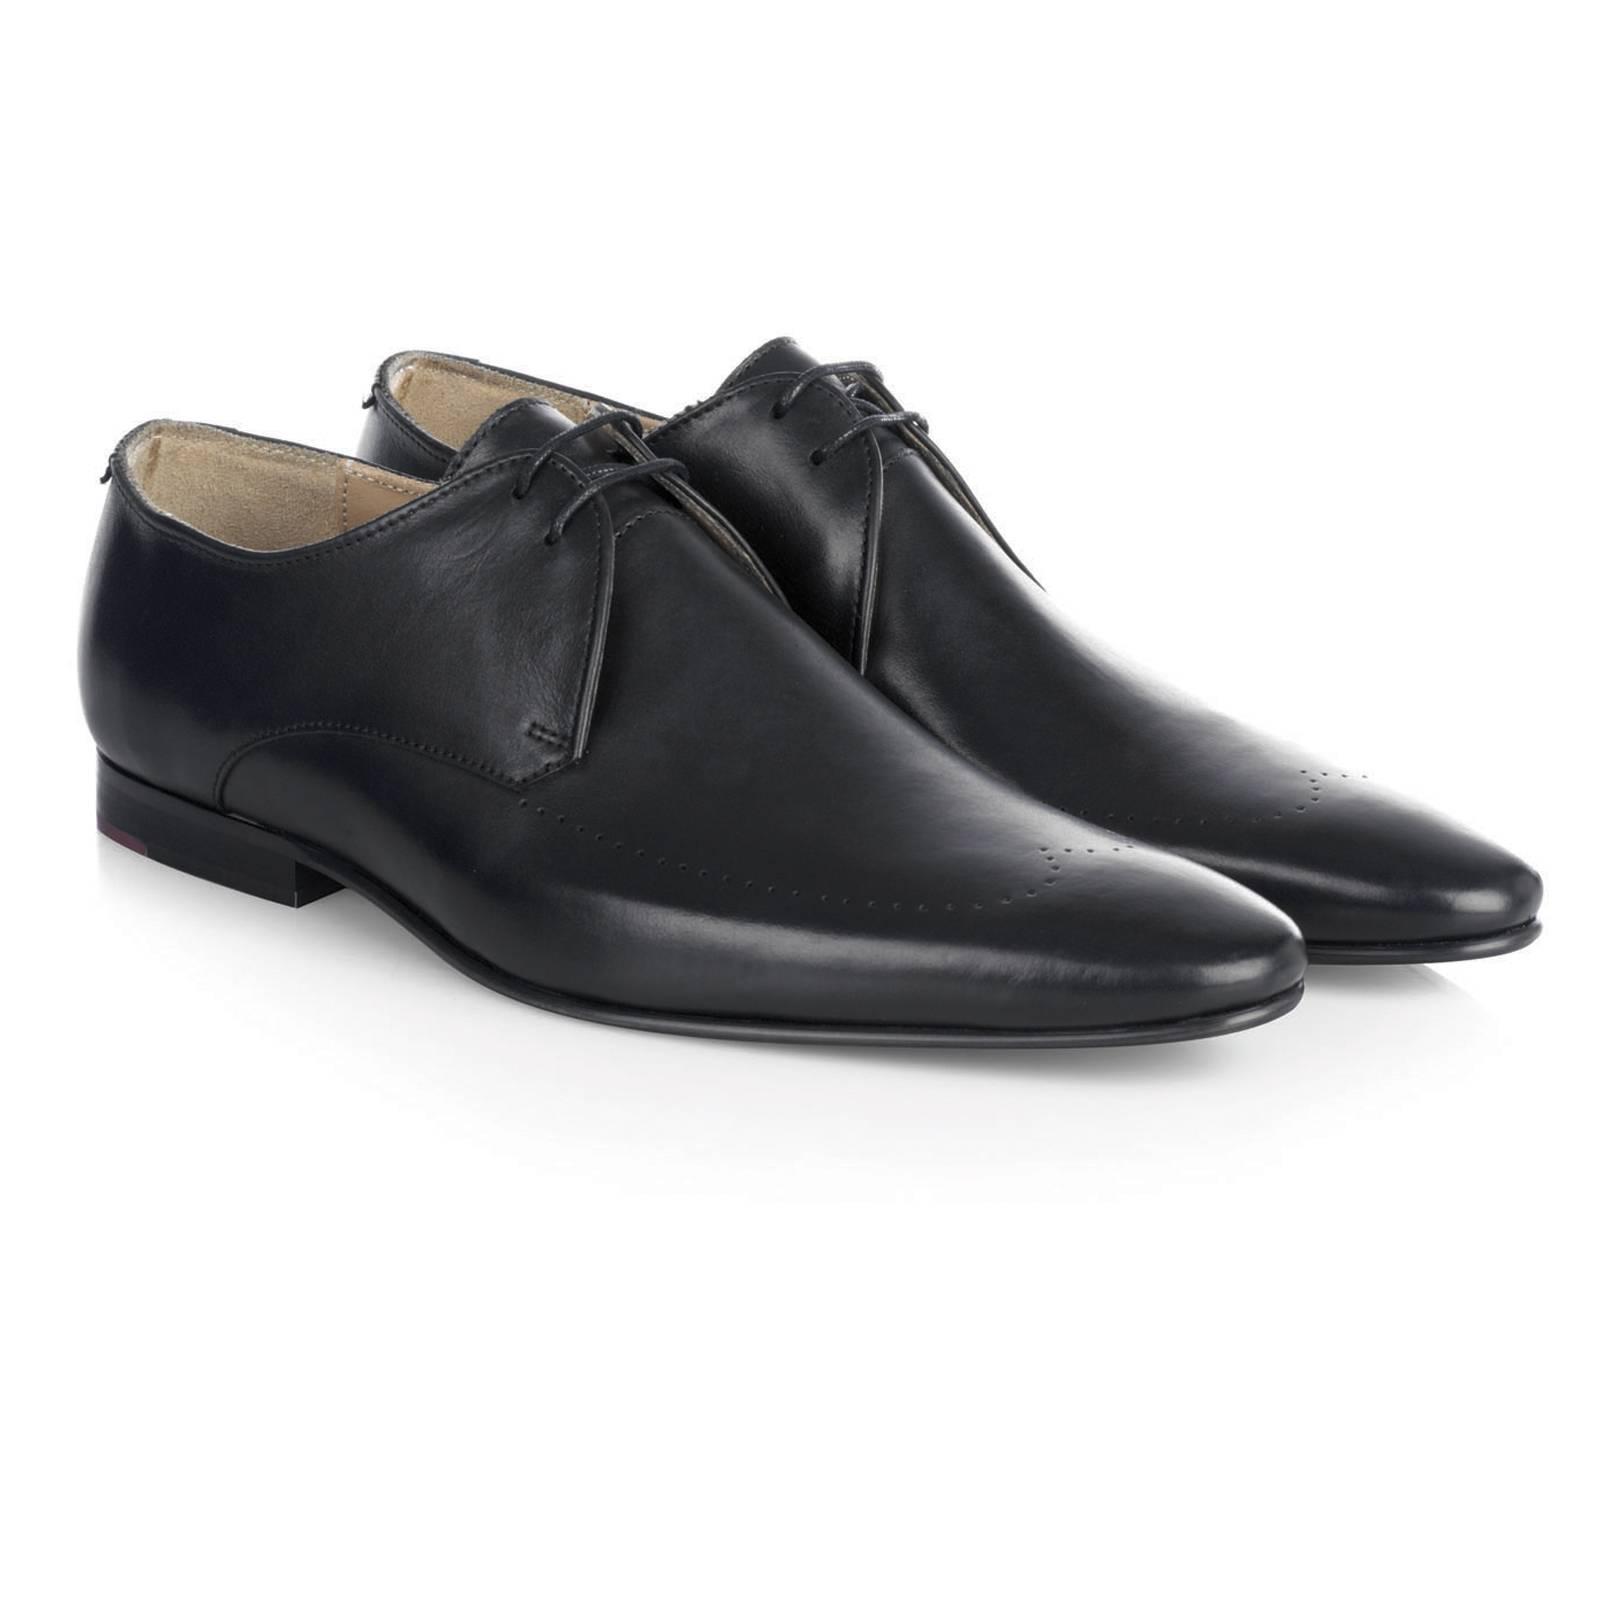 Ботинки Дерби RegentОбувь<br>Исконно английская модель классических ботинок Дерби  англ. Derby shoes , характерными особенностями которых являются повторяющий изгиб ноги заостренный нос, низкий каблук и берцы  боковины со шнуровкой , пришитые поверх передней части. &amp;lt;br /&amp;gt;<br>&amp;lt;br /&amp;gt;<br>Черные дерби идеально сочетаются со строгими пиджаками и костюмами, зауженными брюками и формальными рубашками.<br><br>Артикул: 0913208<br>Материал: 100% кожа<br>Цвет: черный<br>Пол: Мужской